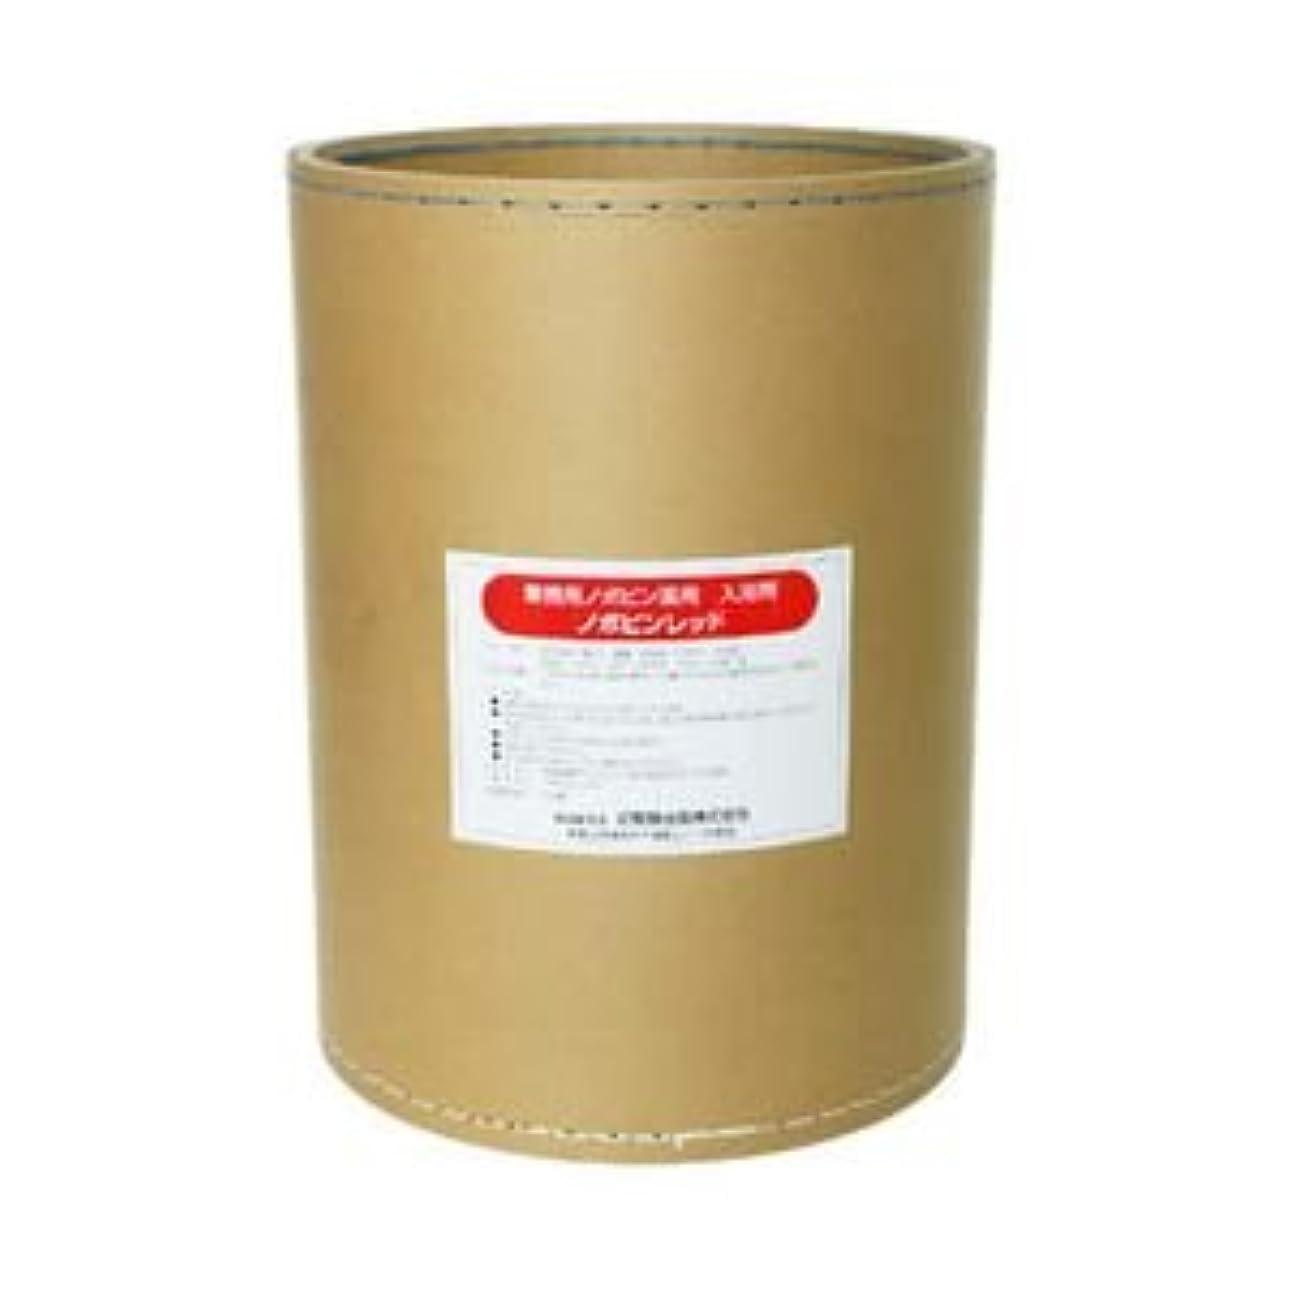 甘いうんあえぎ業務用入浴剤 ノボピン レッド 18kg